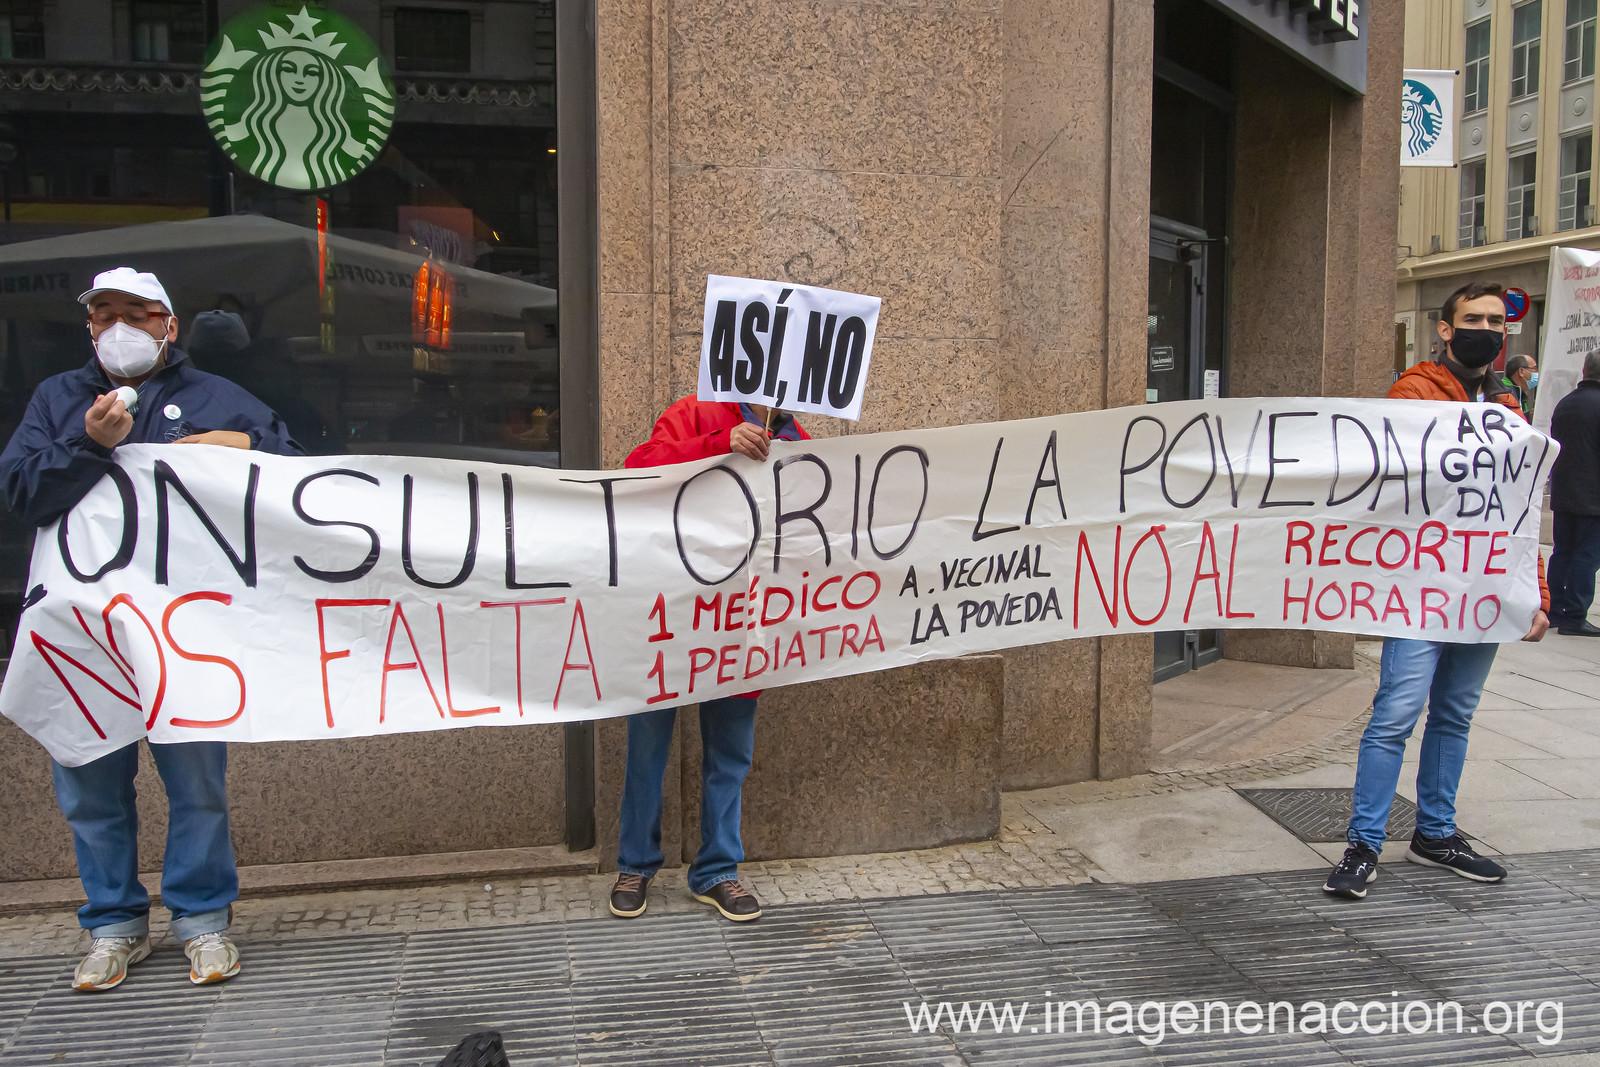 MANIFESTACIÓN EN MADRID PARA RECLAMAR MÁS PERSONAL Y MEDIOS PARA LA SANIDAD PÚBLICA